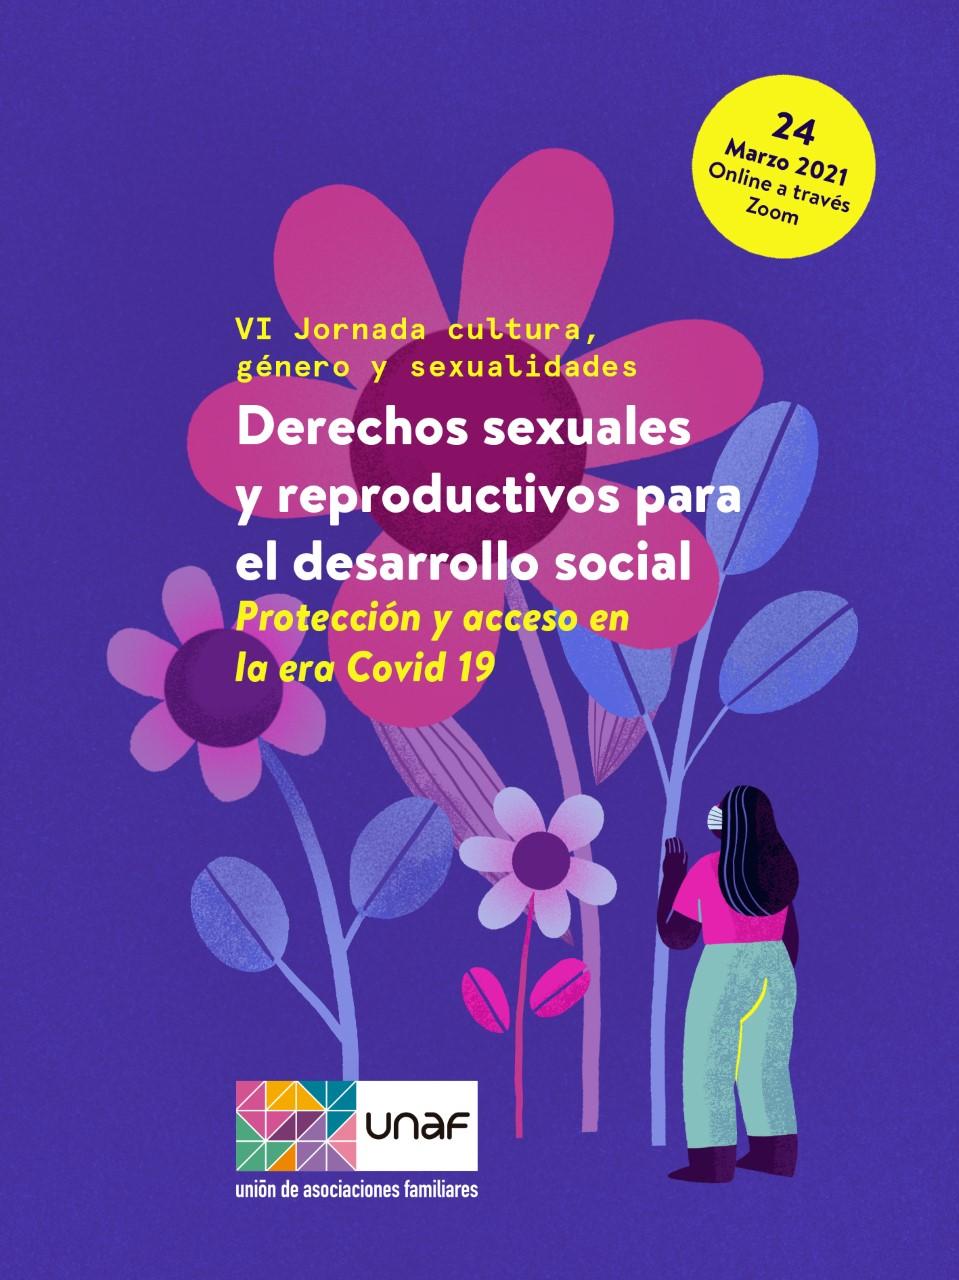 VI Jornada Culturas, género y sexualidades: Derechos sexuales y reproductivos para el desarrollo social